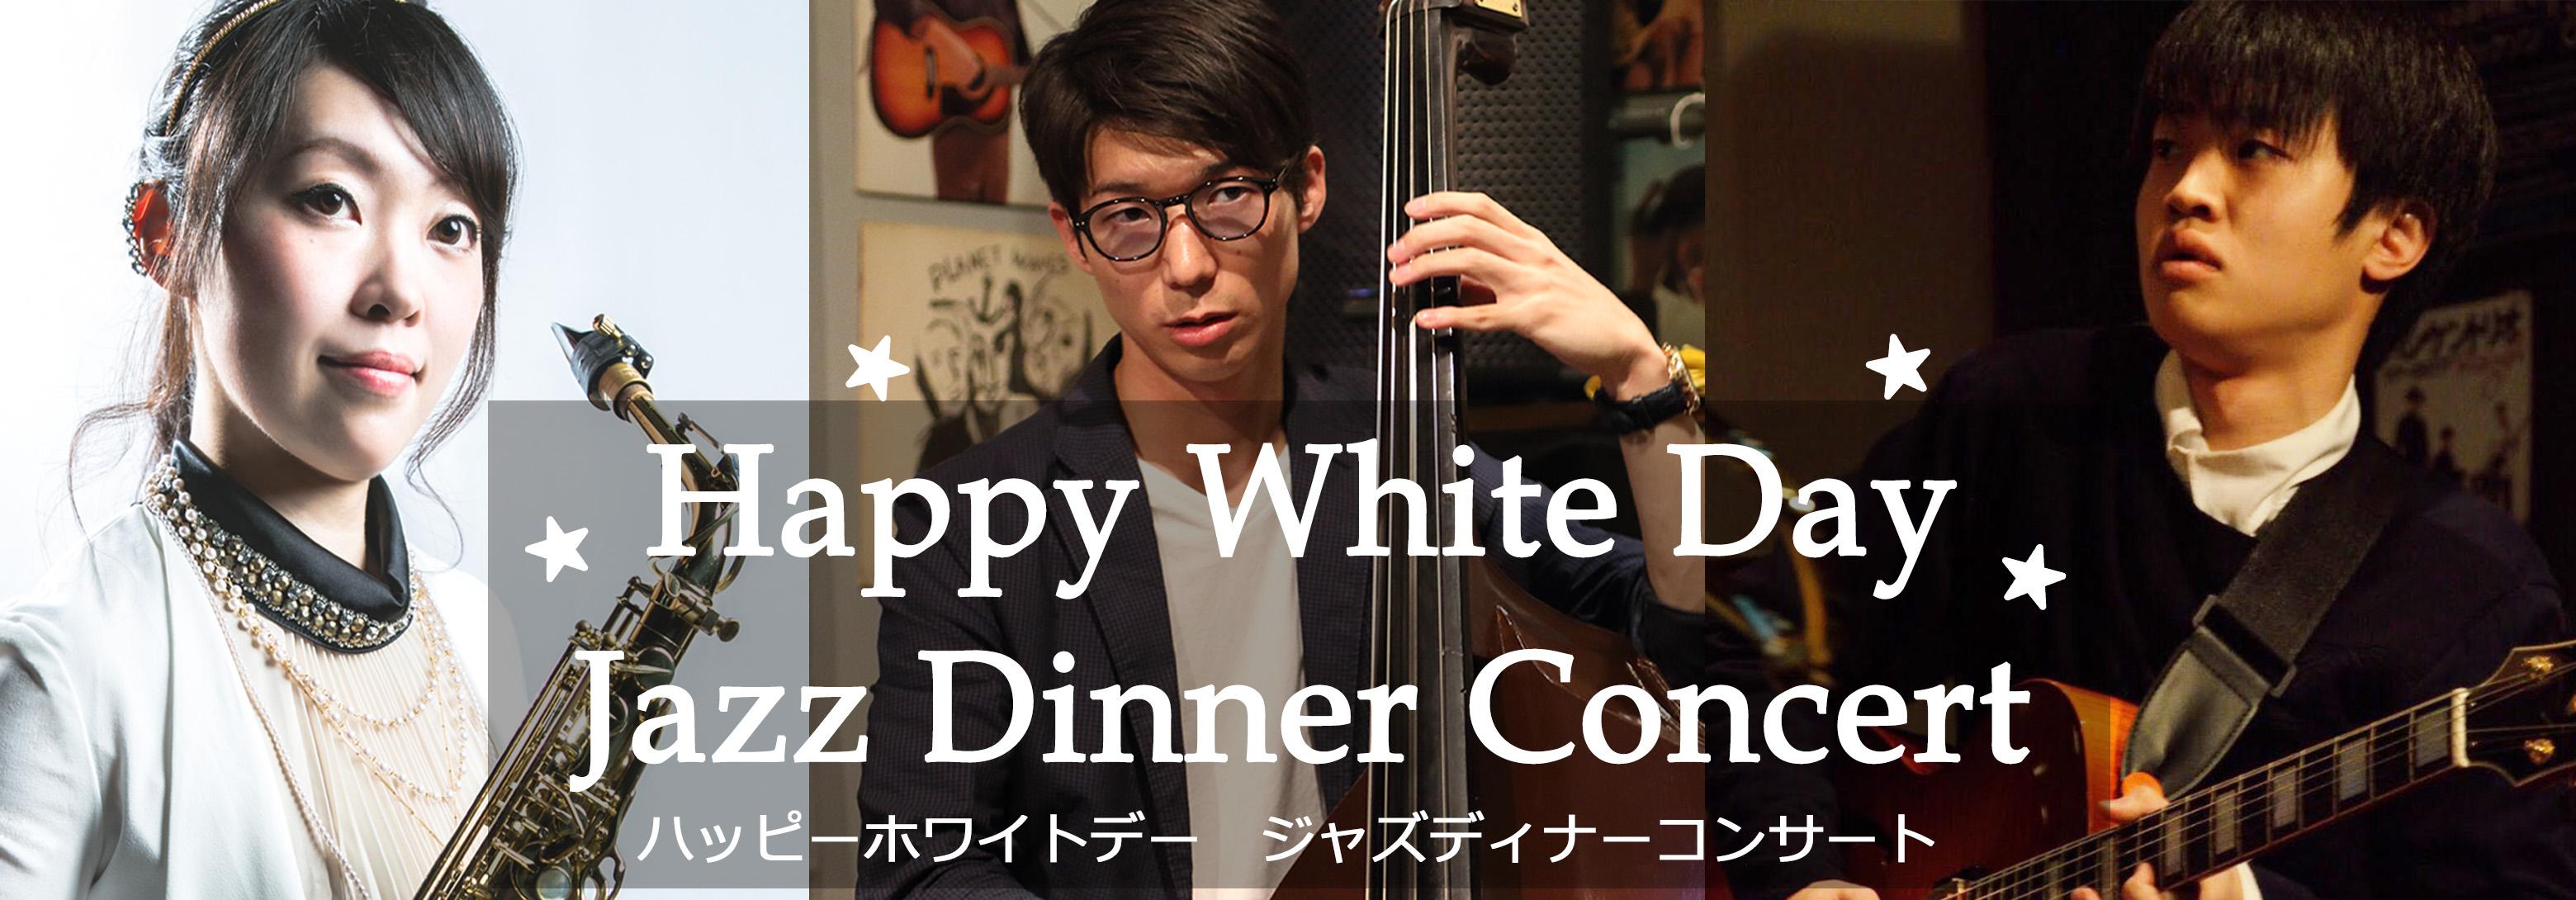 バレンタインデーのお返しに甘い夜を!八幡浜でジャズディナーコンサートが開催!